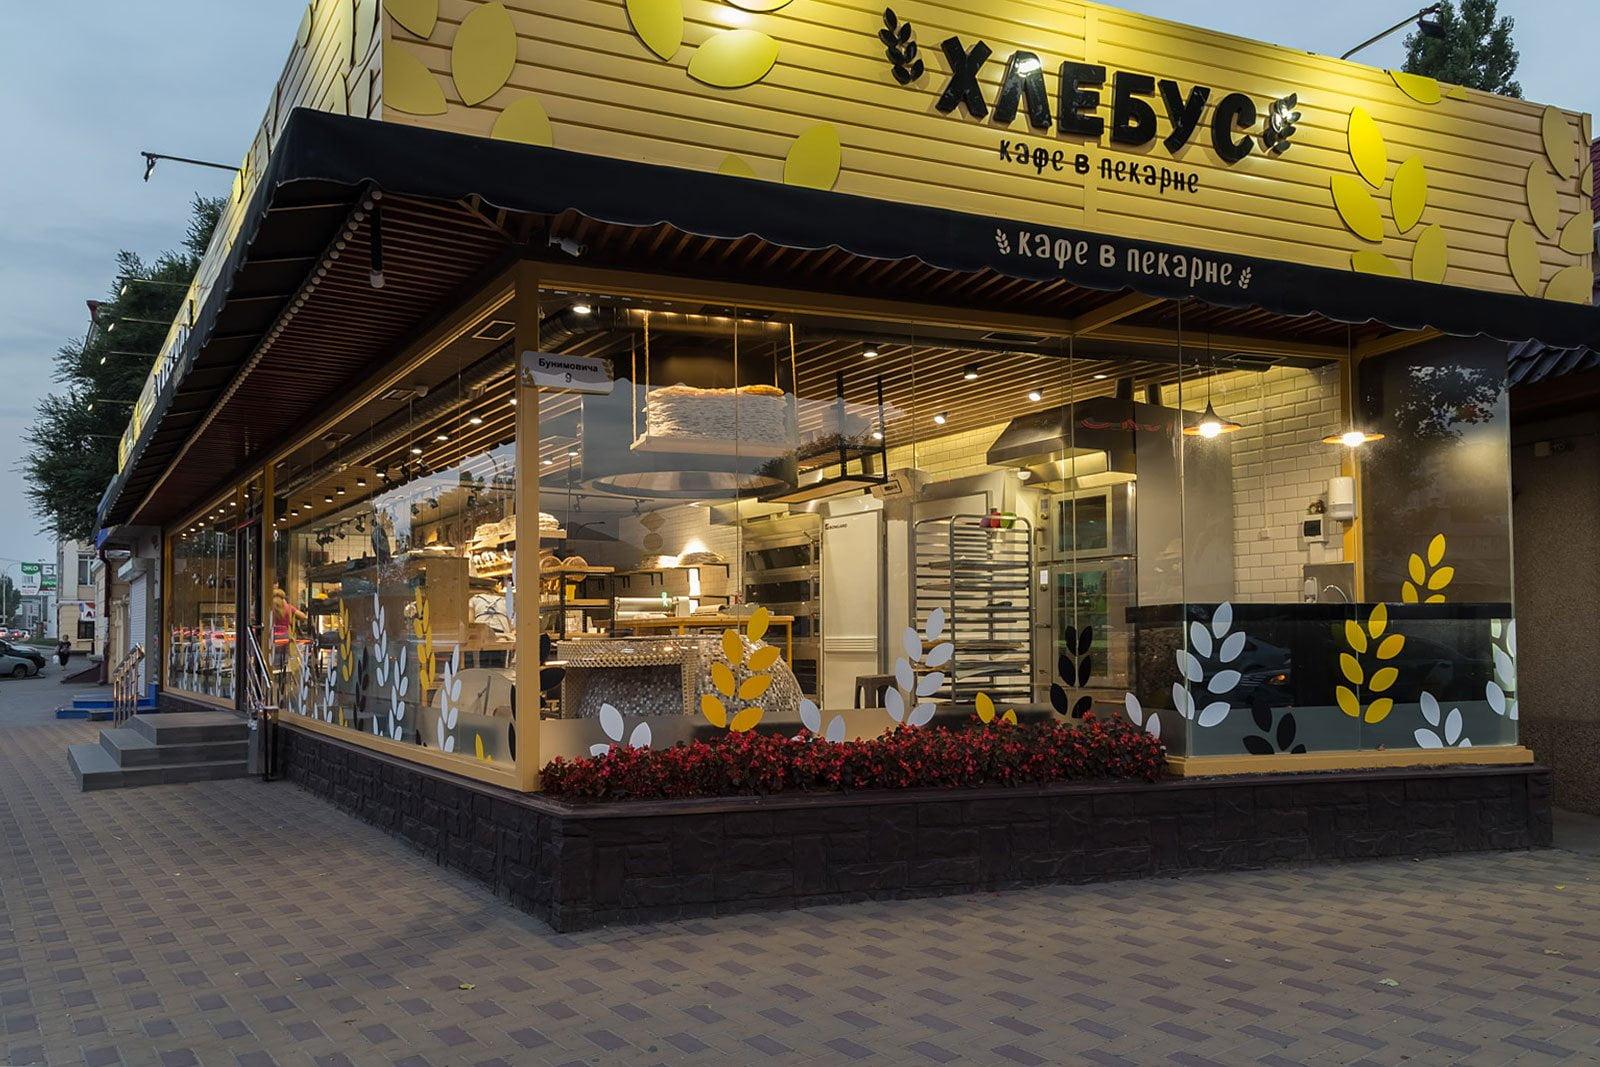 foto kafe v pekarne s tochki zreniya prokhozhikh v tomnoye vremya sutok